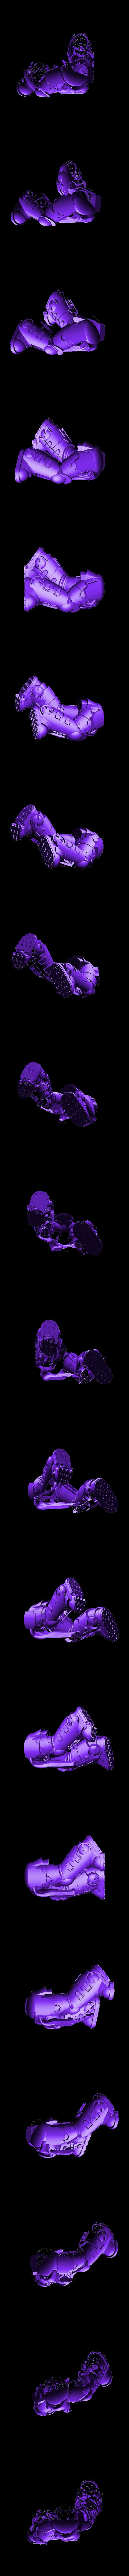 Legs 6.stl Télécharger fichier STL gratuit L'équipe des Chevaliers gris Primaris • Modèle pour imprimante 3D, joeldawson93